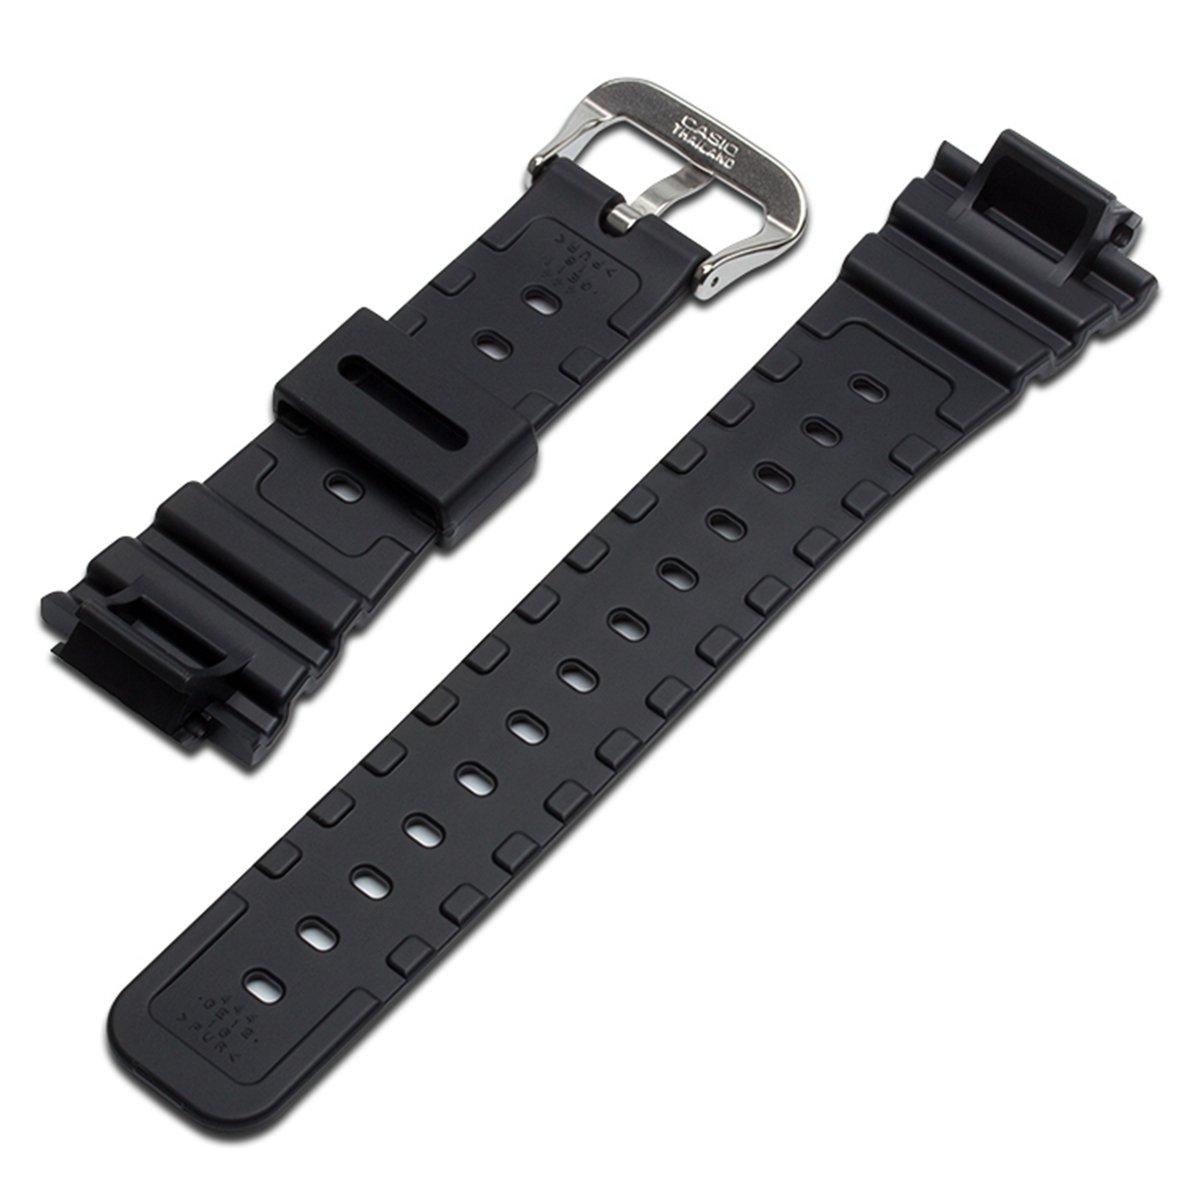 cbd5bbe4d2c2 Naturale poli uretano Watch Band strap di ricambio per Casio uomo G-Shock DW-5900  DW-6100 DW-6695 DW-6900 G-6900 GW-M5610 DW-5600 GW-6900 (J2)  Amazon.it  ...